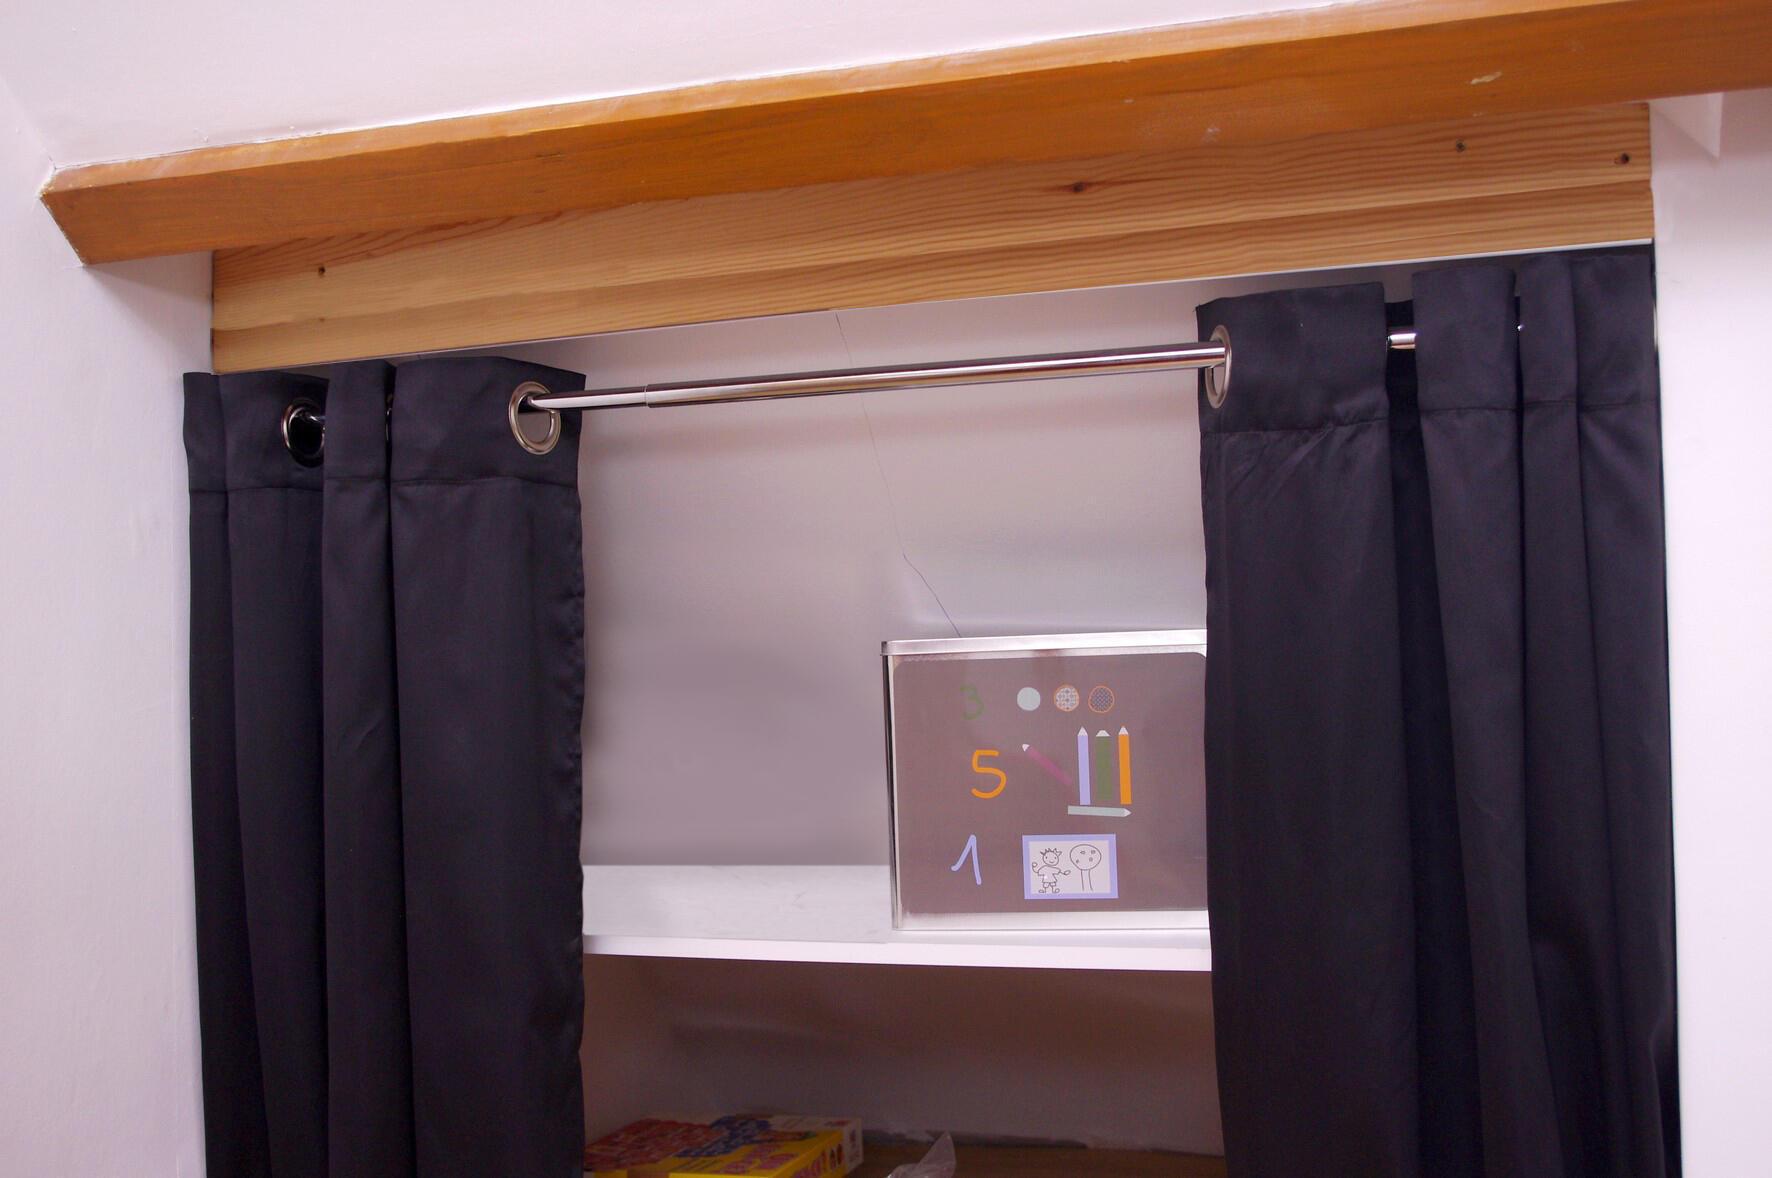 Kit bastone per tenda a pressione estensibile Ib + in metallo Ø 25 mm bianco satinato da 200 a 330 cm - 4